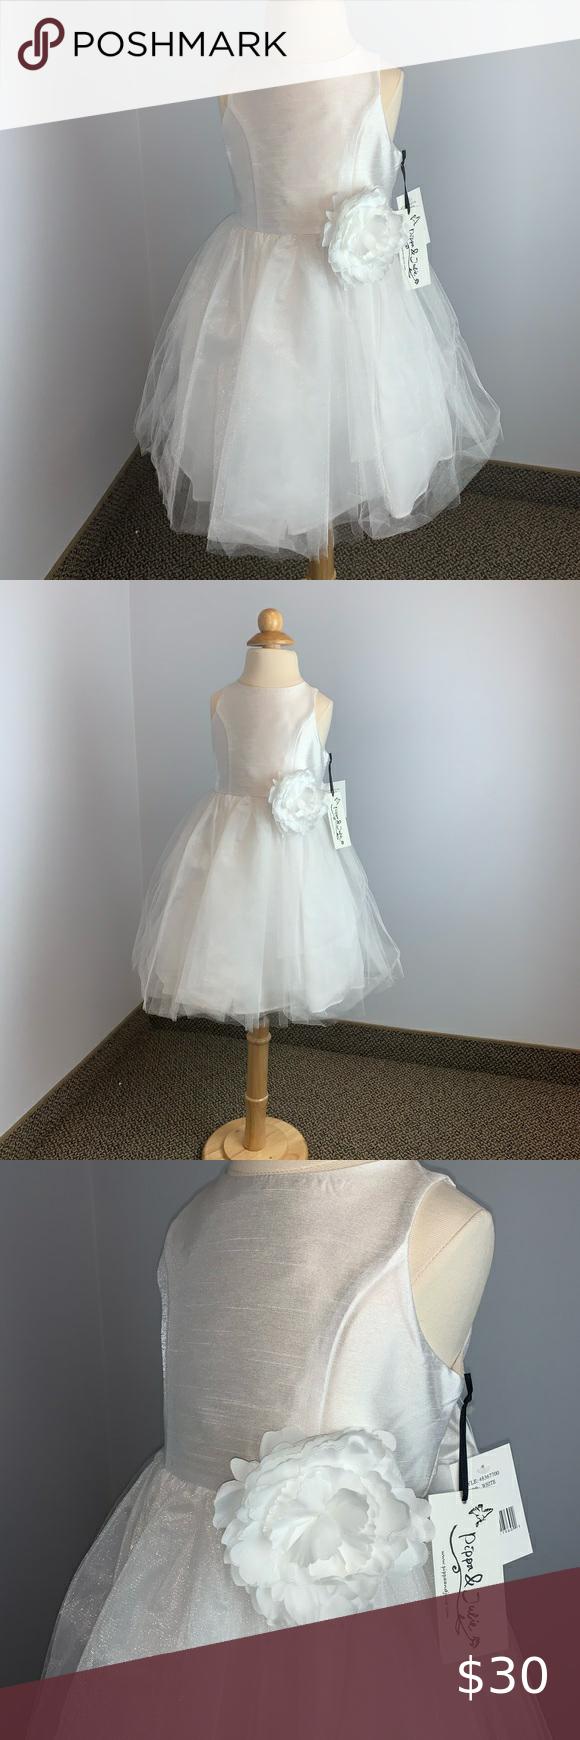 Pippa Julie Seraphina Toddler Ballerina Dress 3t 3t Dress Ballerina Dress White Ballerina Dress [ 1740 x 580 Pixel ]